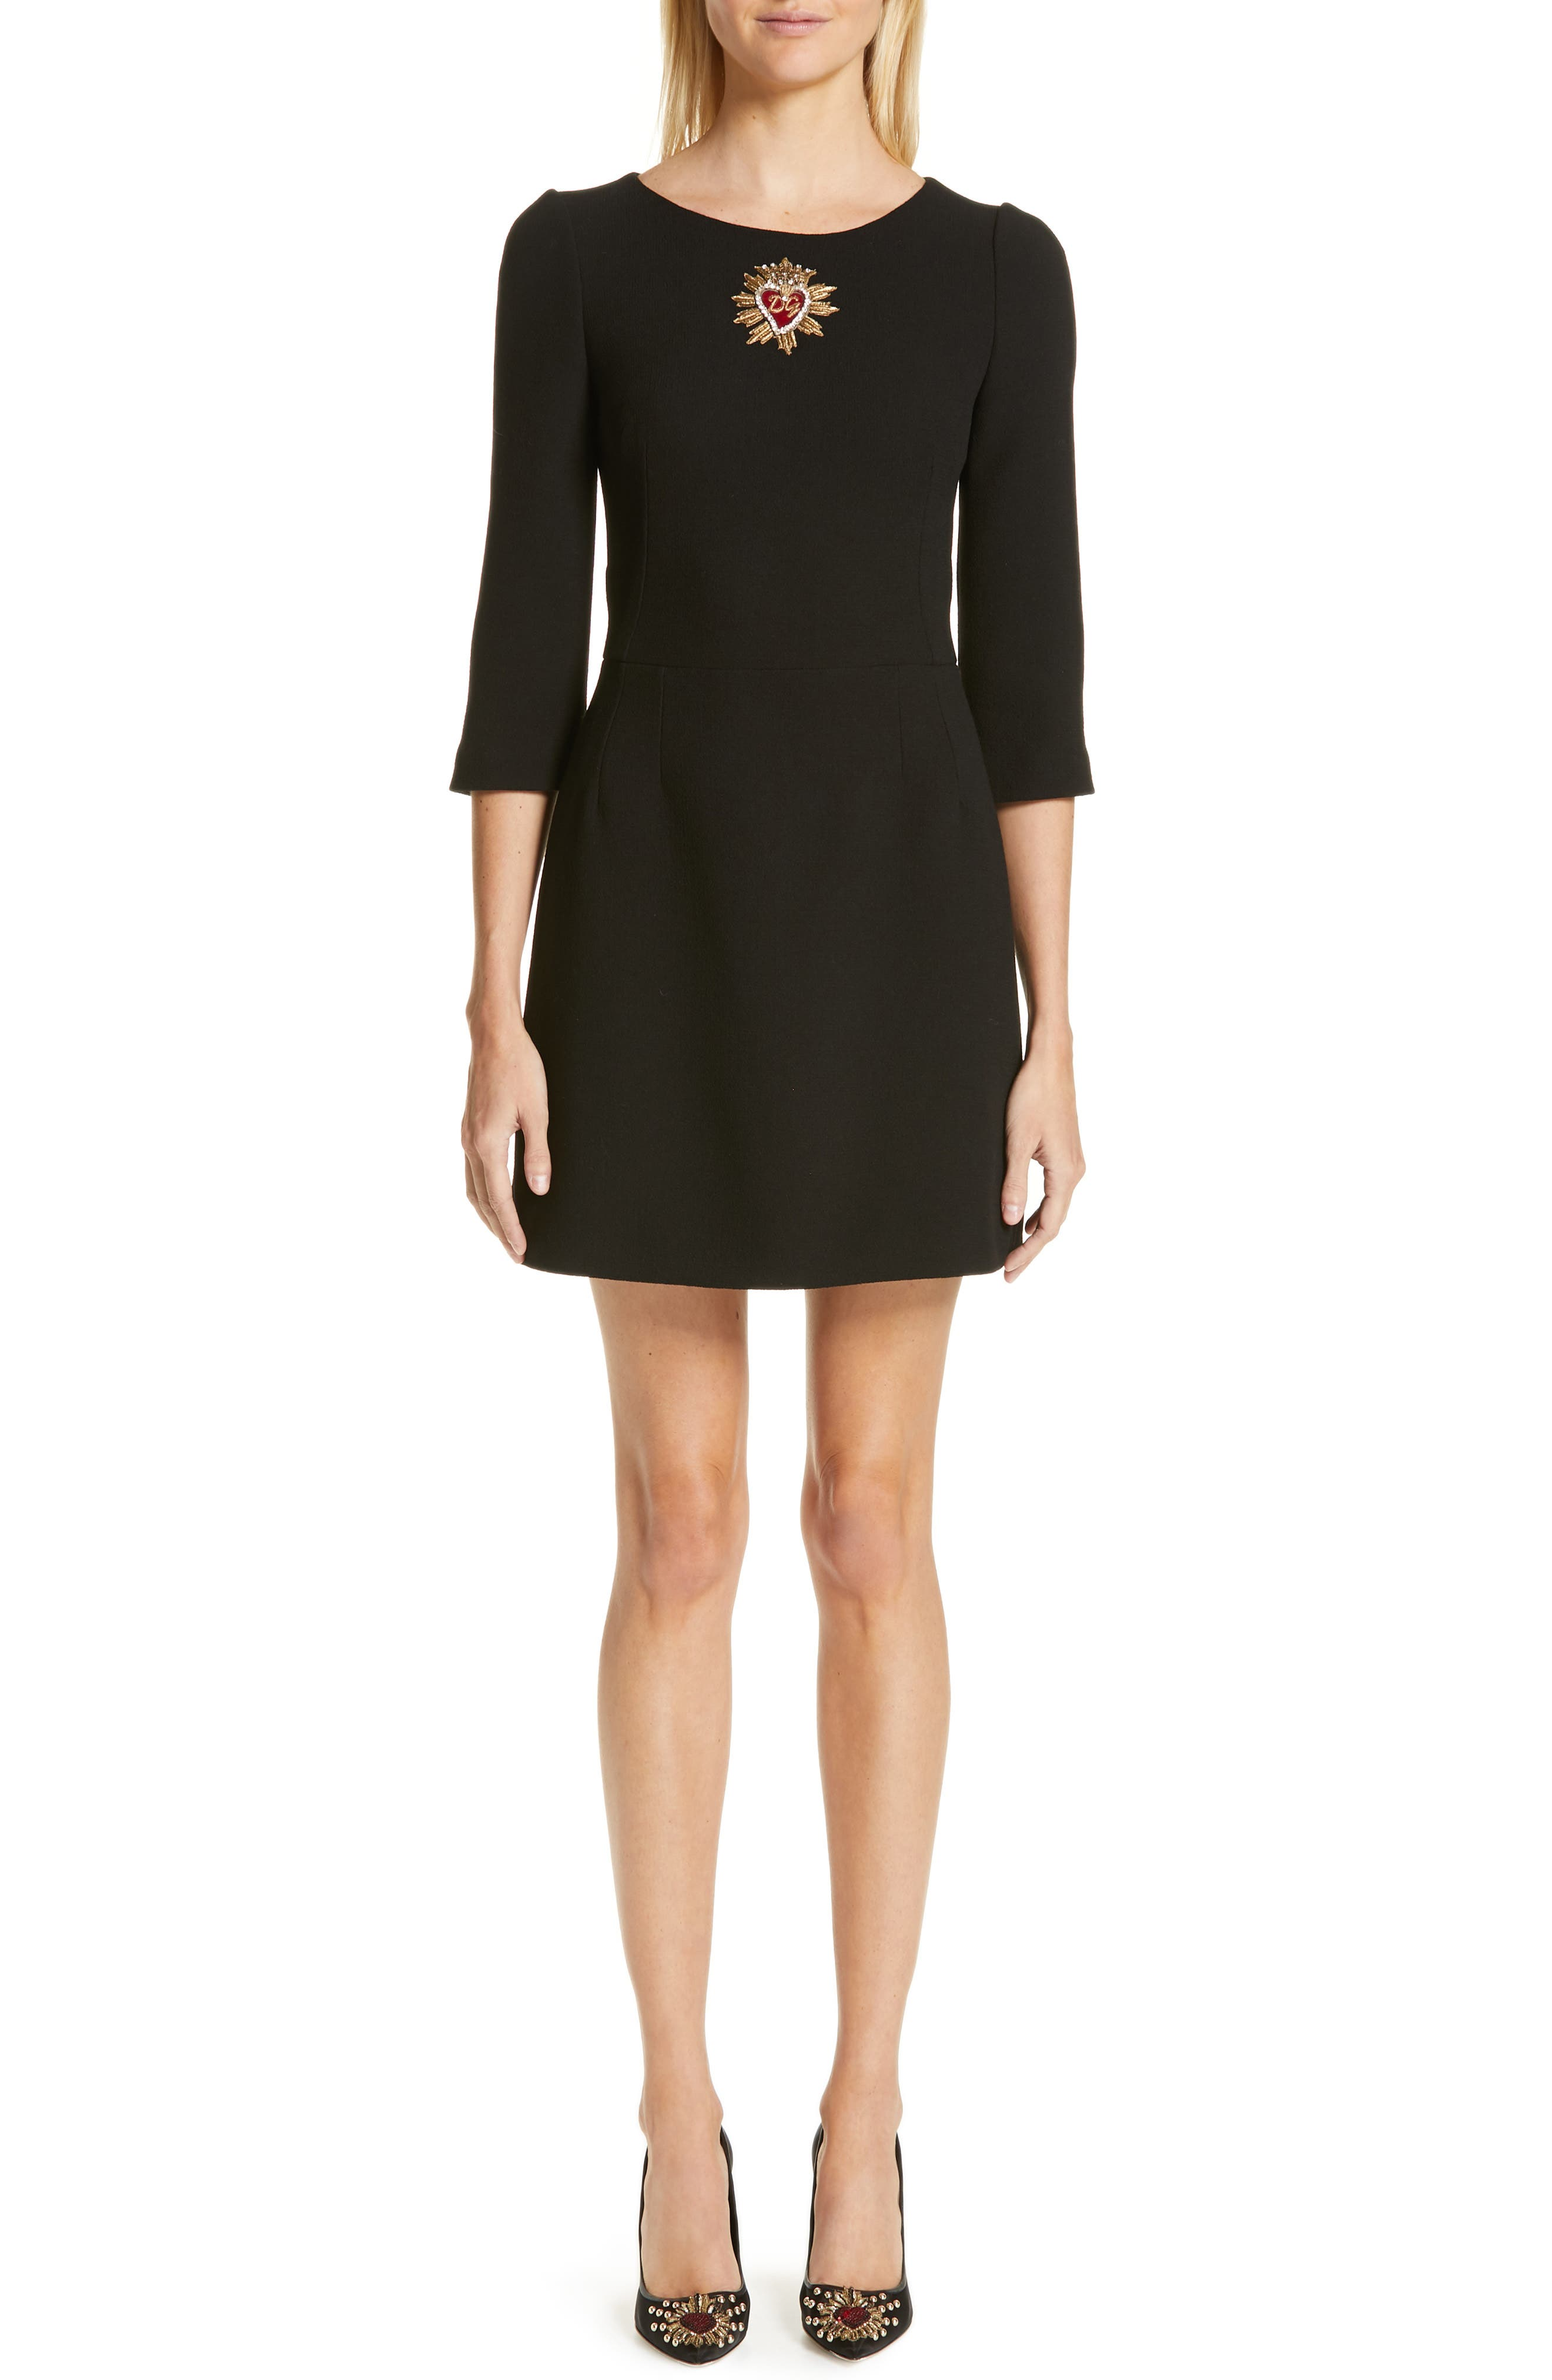 Dolce & gabbana Heart Embellished Crepe Dress, 8 IT - Black